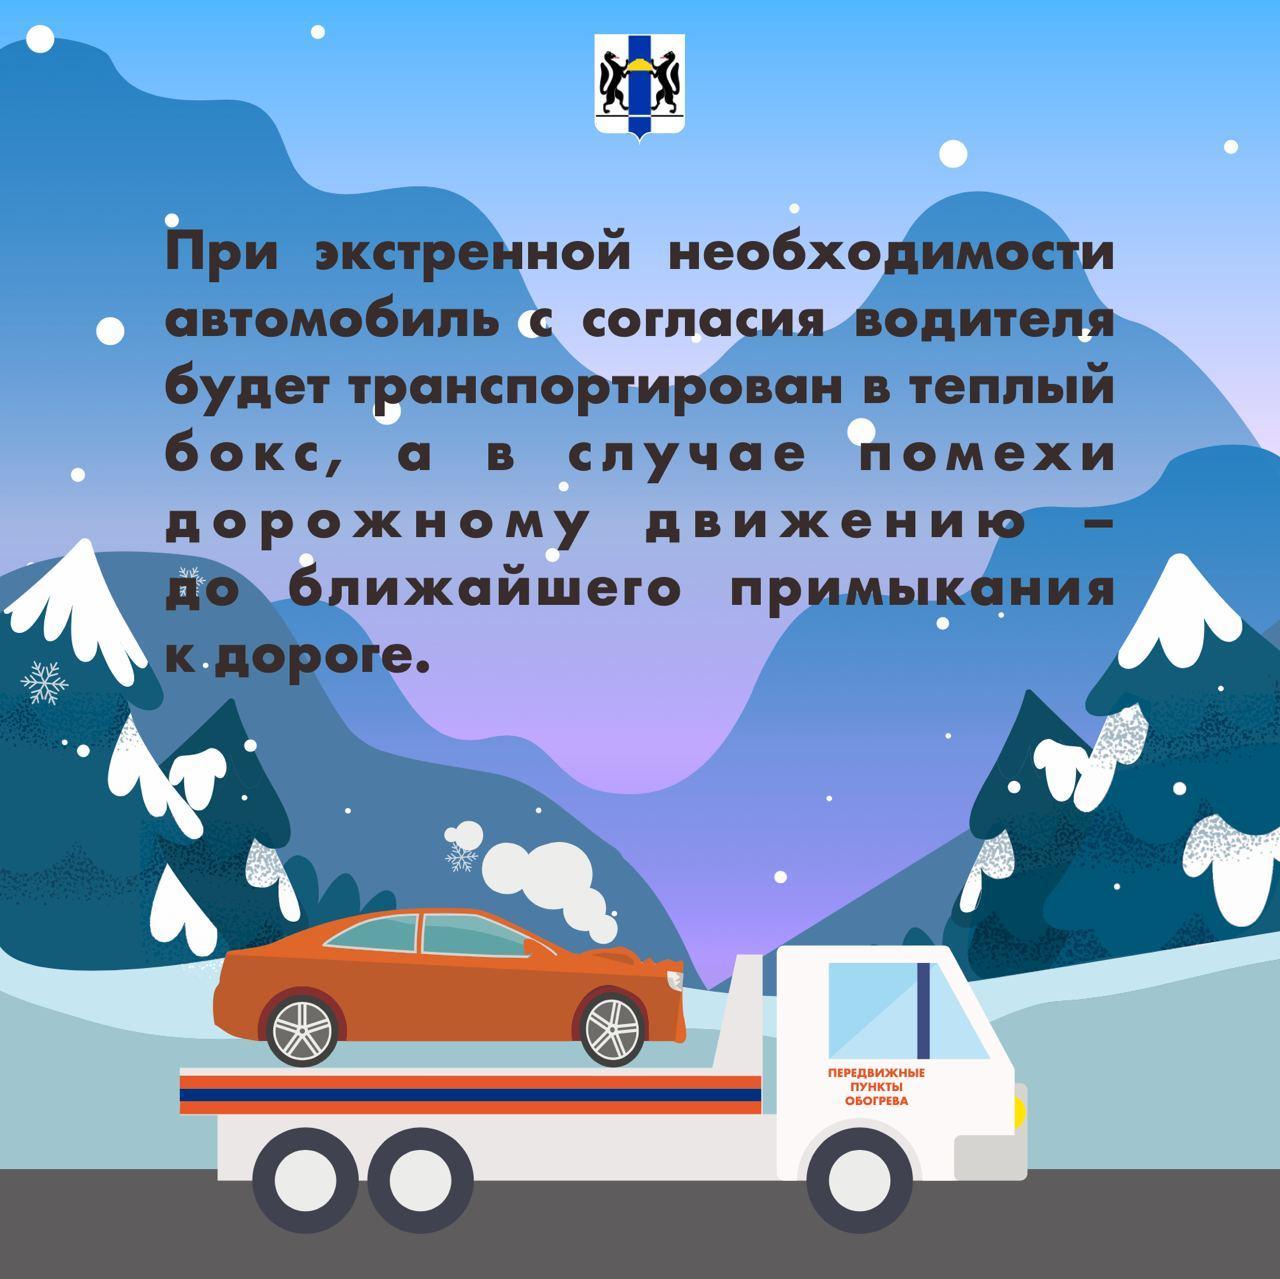 фото Кто поможет в мороз на трассе: полезная информация в картинках от новосибирского правительства 6